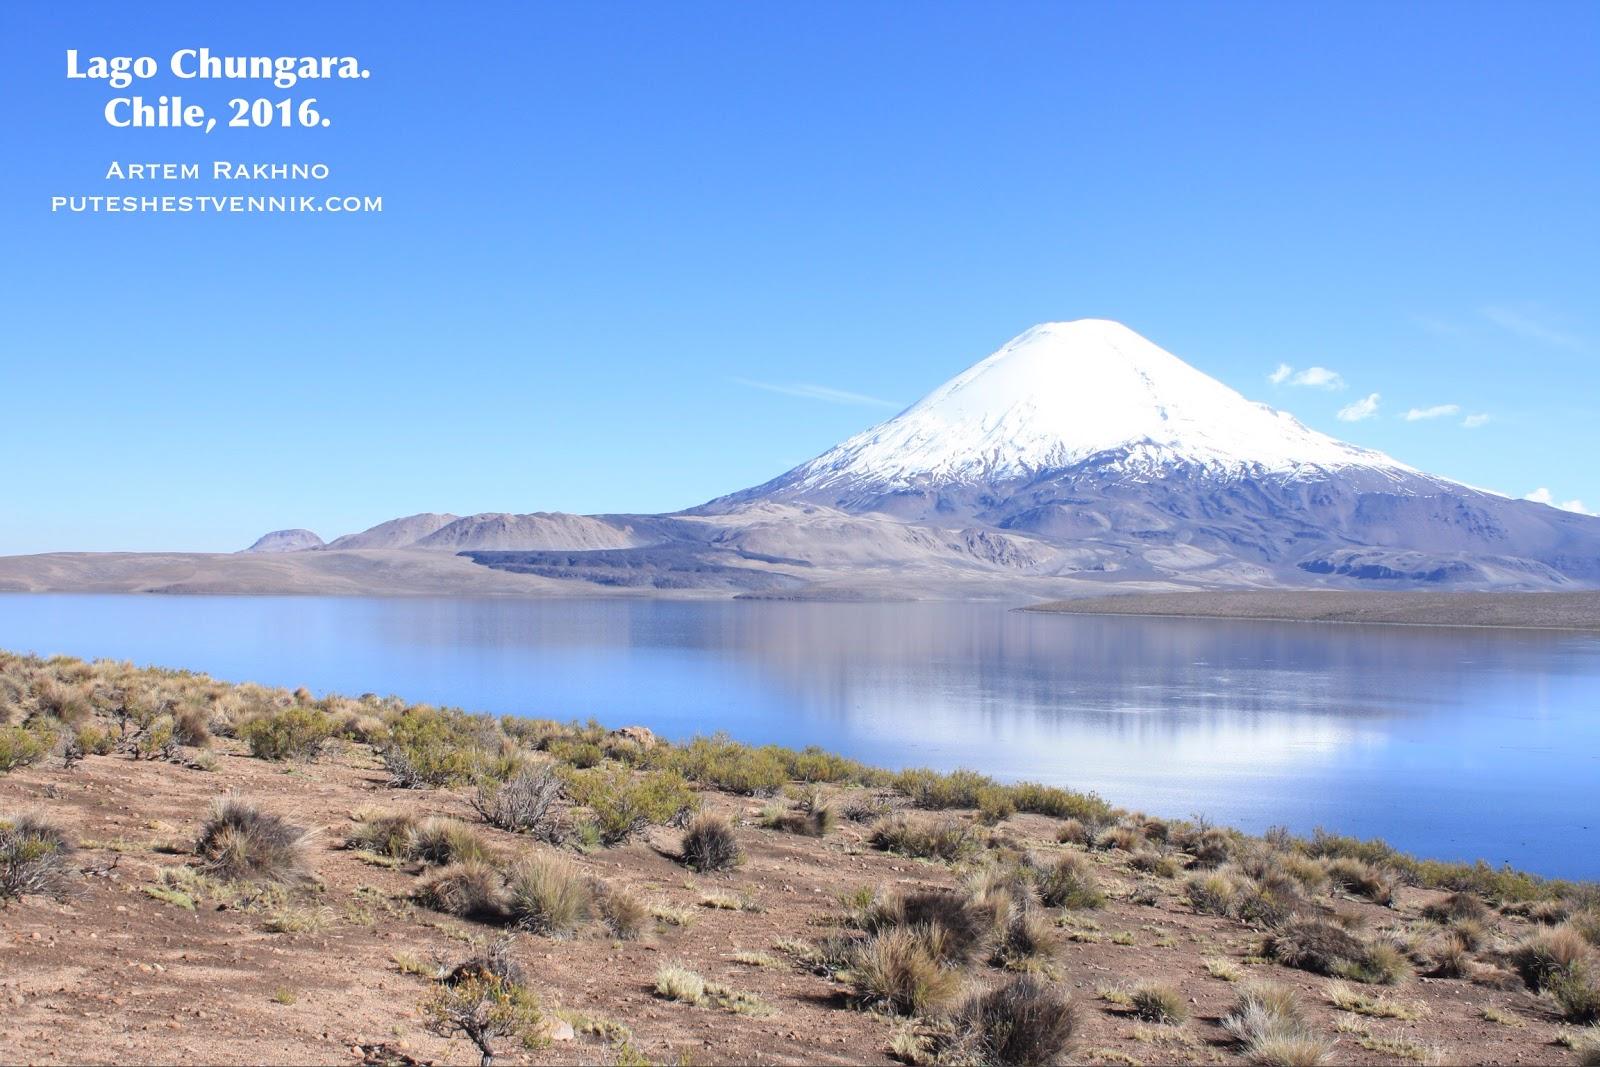 Вулкан Паринакота и озеро Чунгара